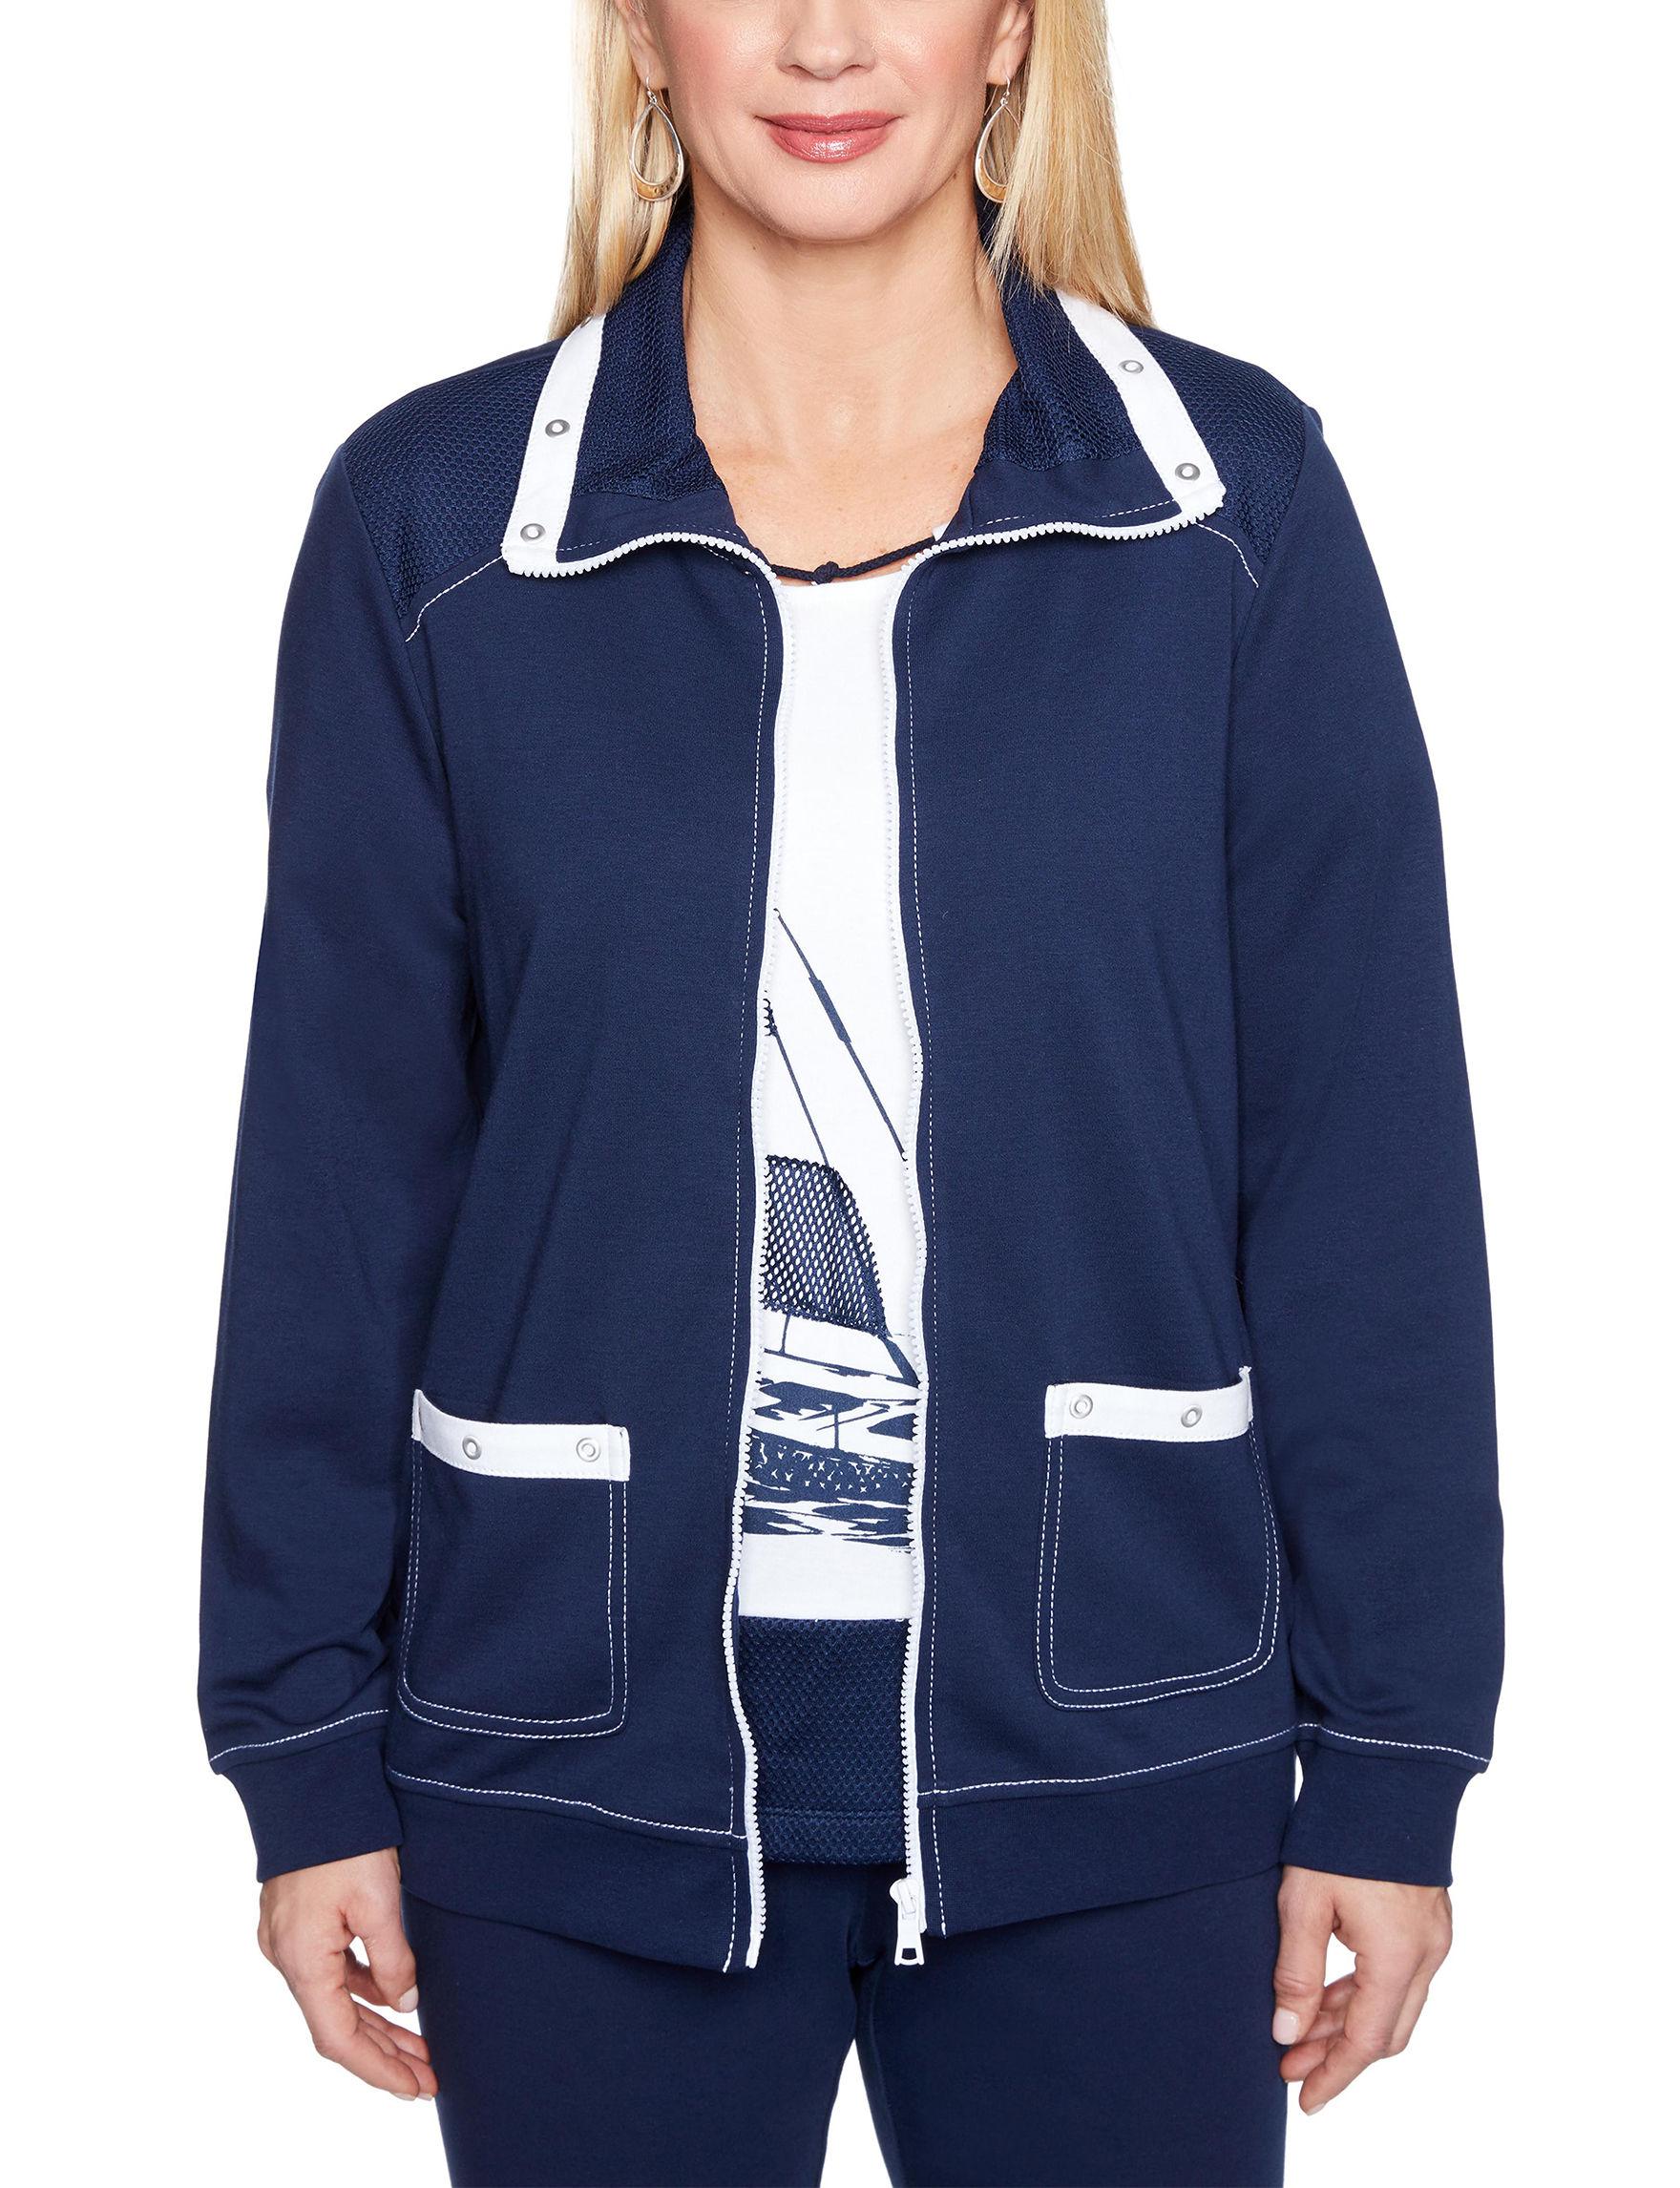 Alfred Dunner Navy Lightweight Jackets & Blazers